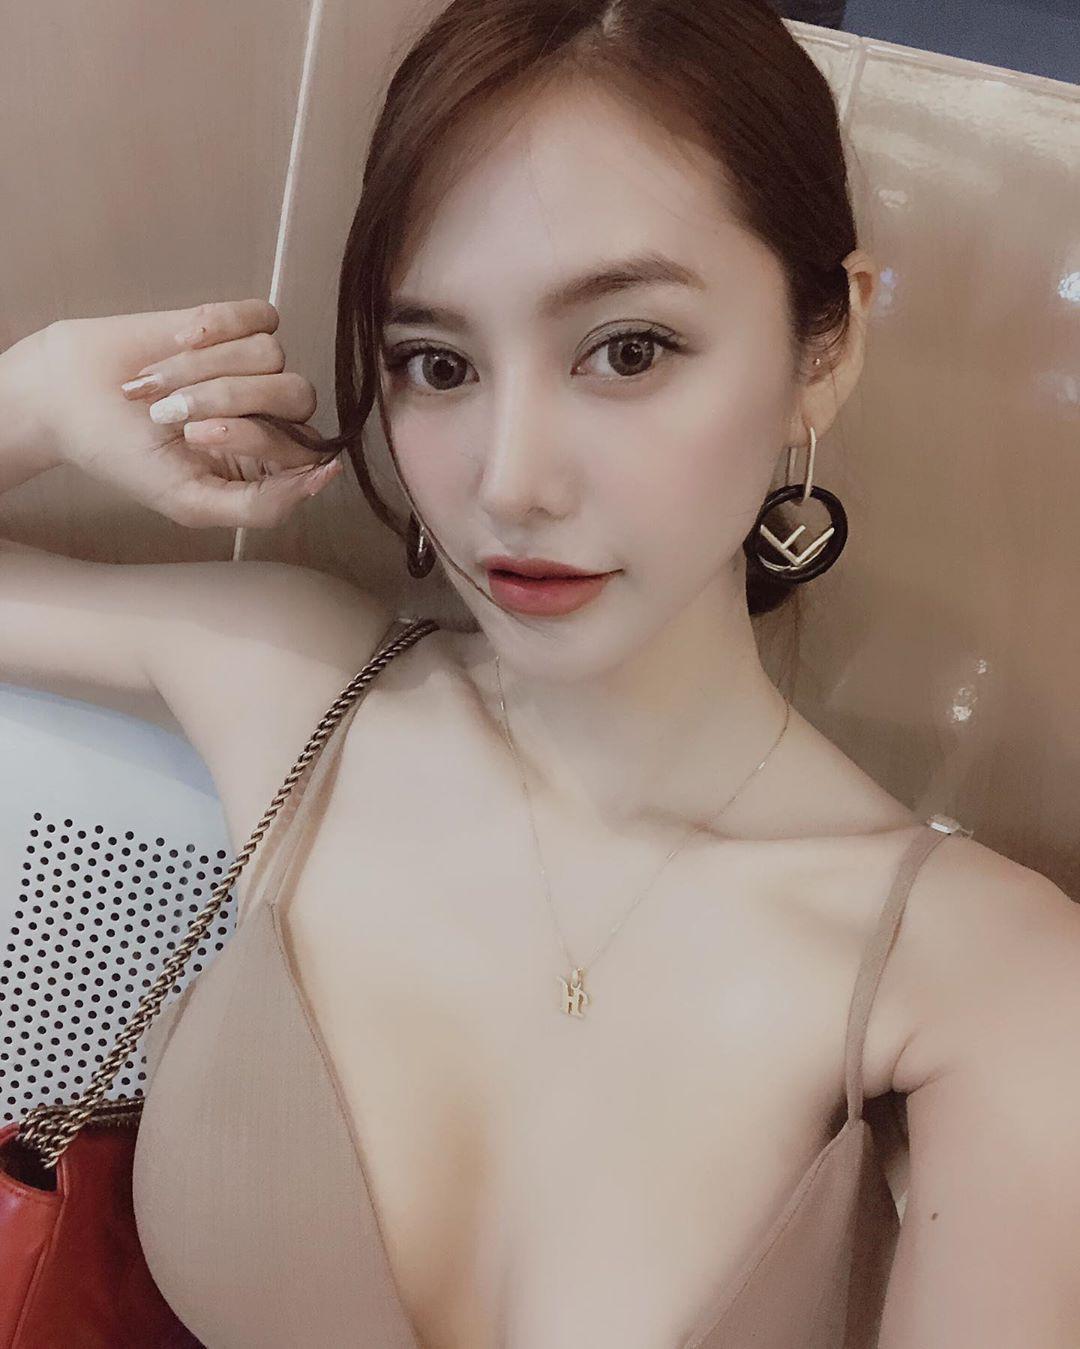 Vừa hết bị gọi là 'con giáp thứ 13', Linh Chi đã bị lấy ảnh làm quảng cáo chào hàng gái mại dâm - Ảnh 2